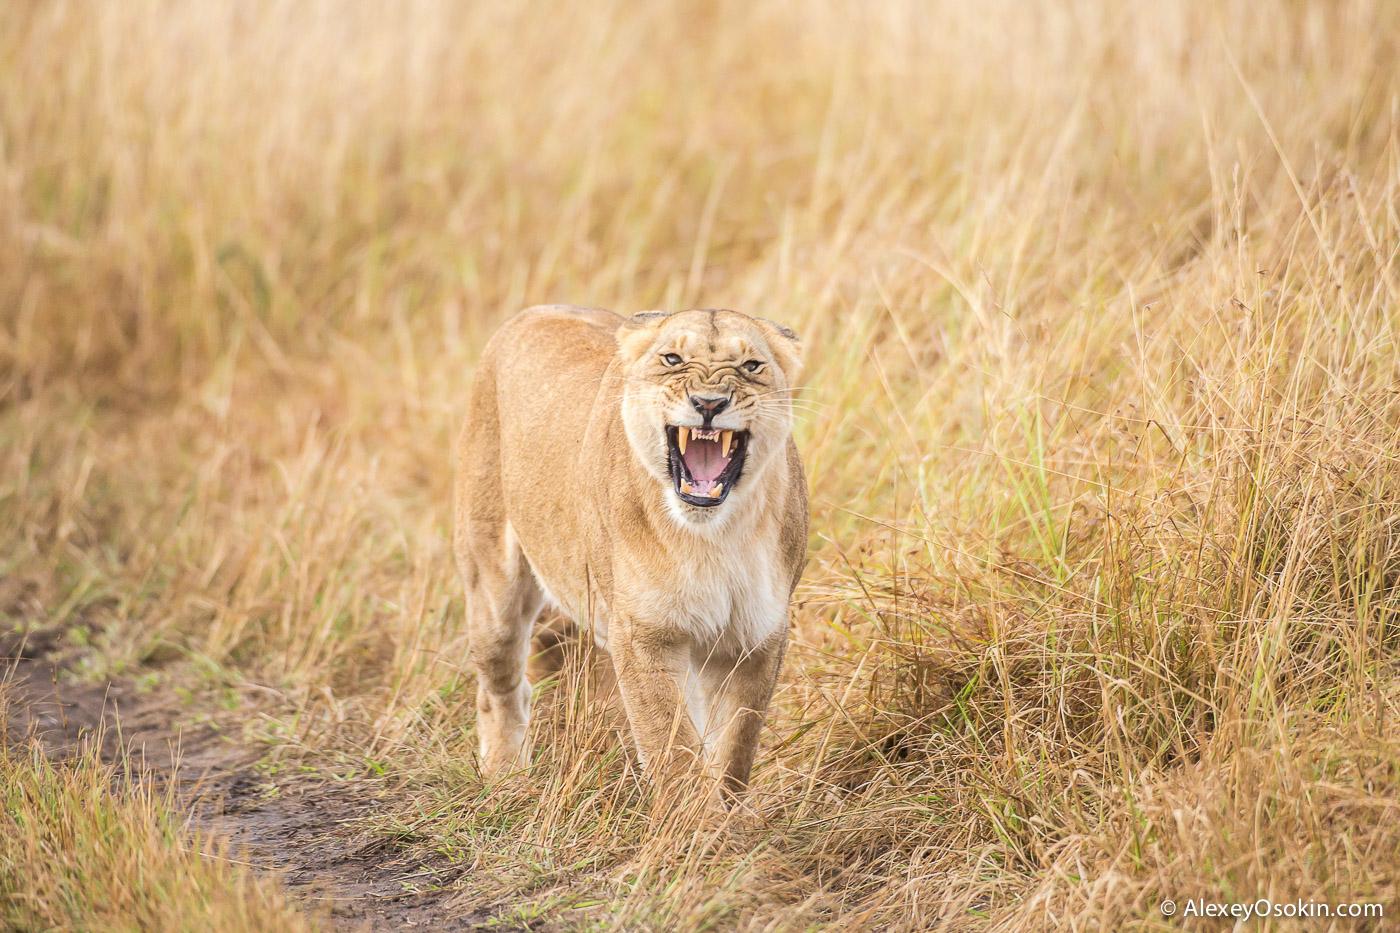 kenya-lions-2-ao, aug.2015.jpg